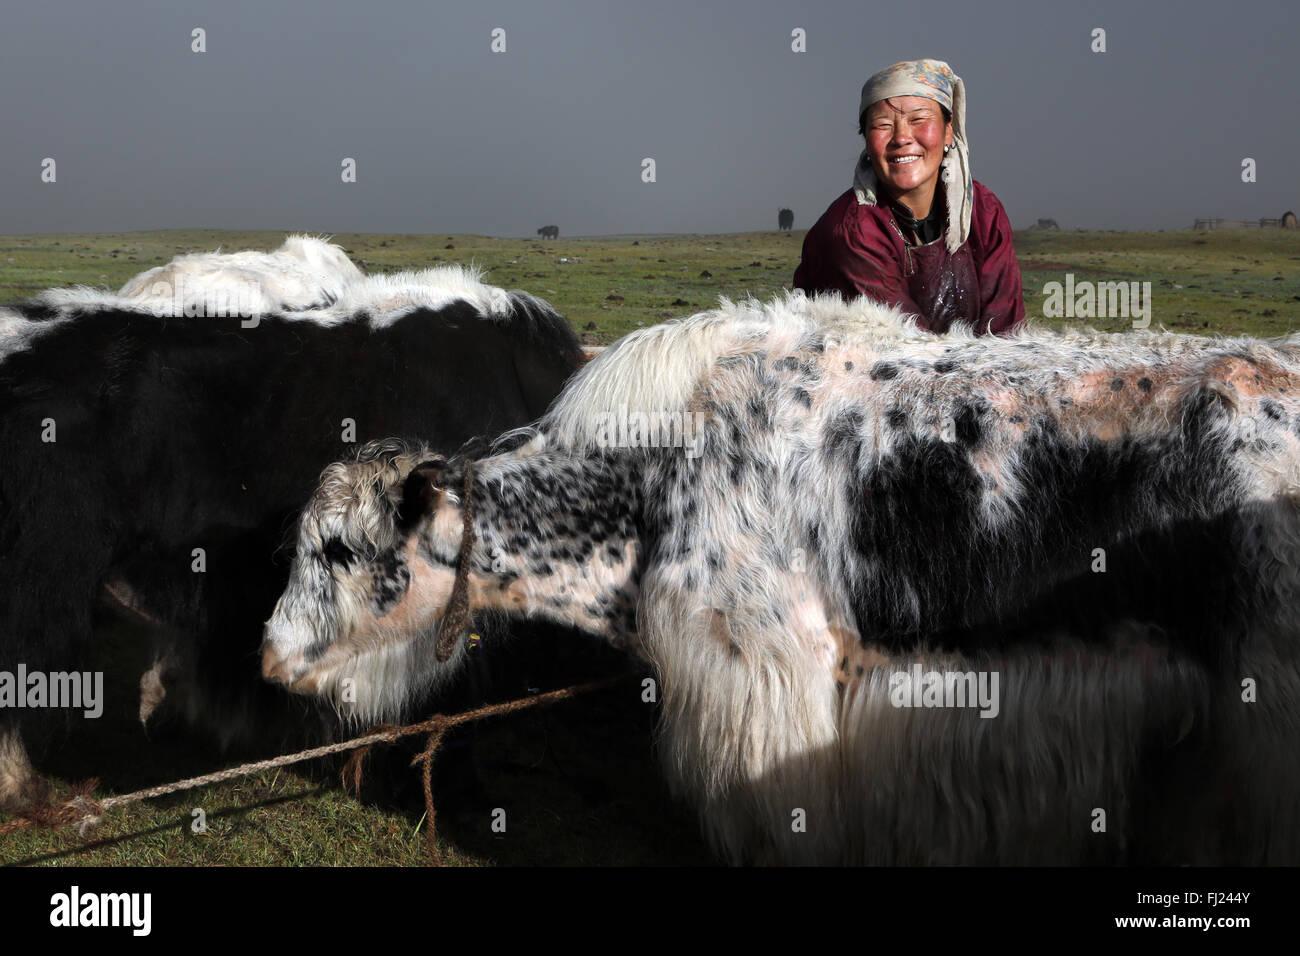 Mujer mongola de yaks de ordeño en el campamento de nómadas en Mongolia Imagen De Stock